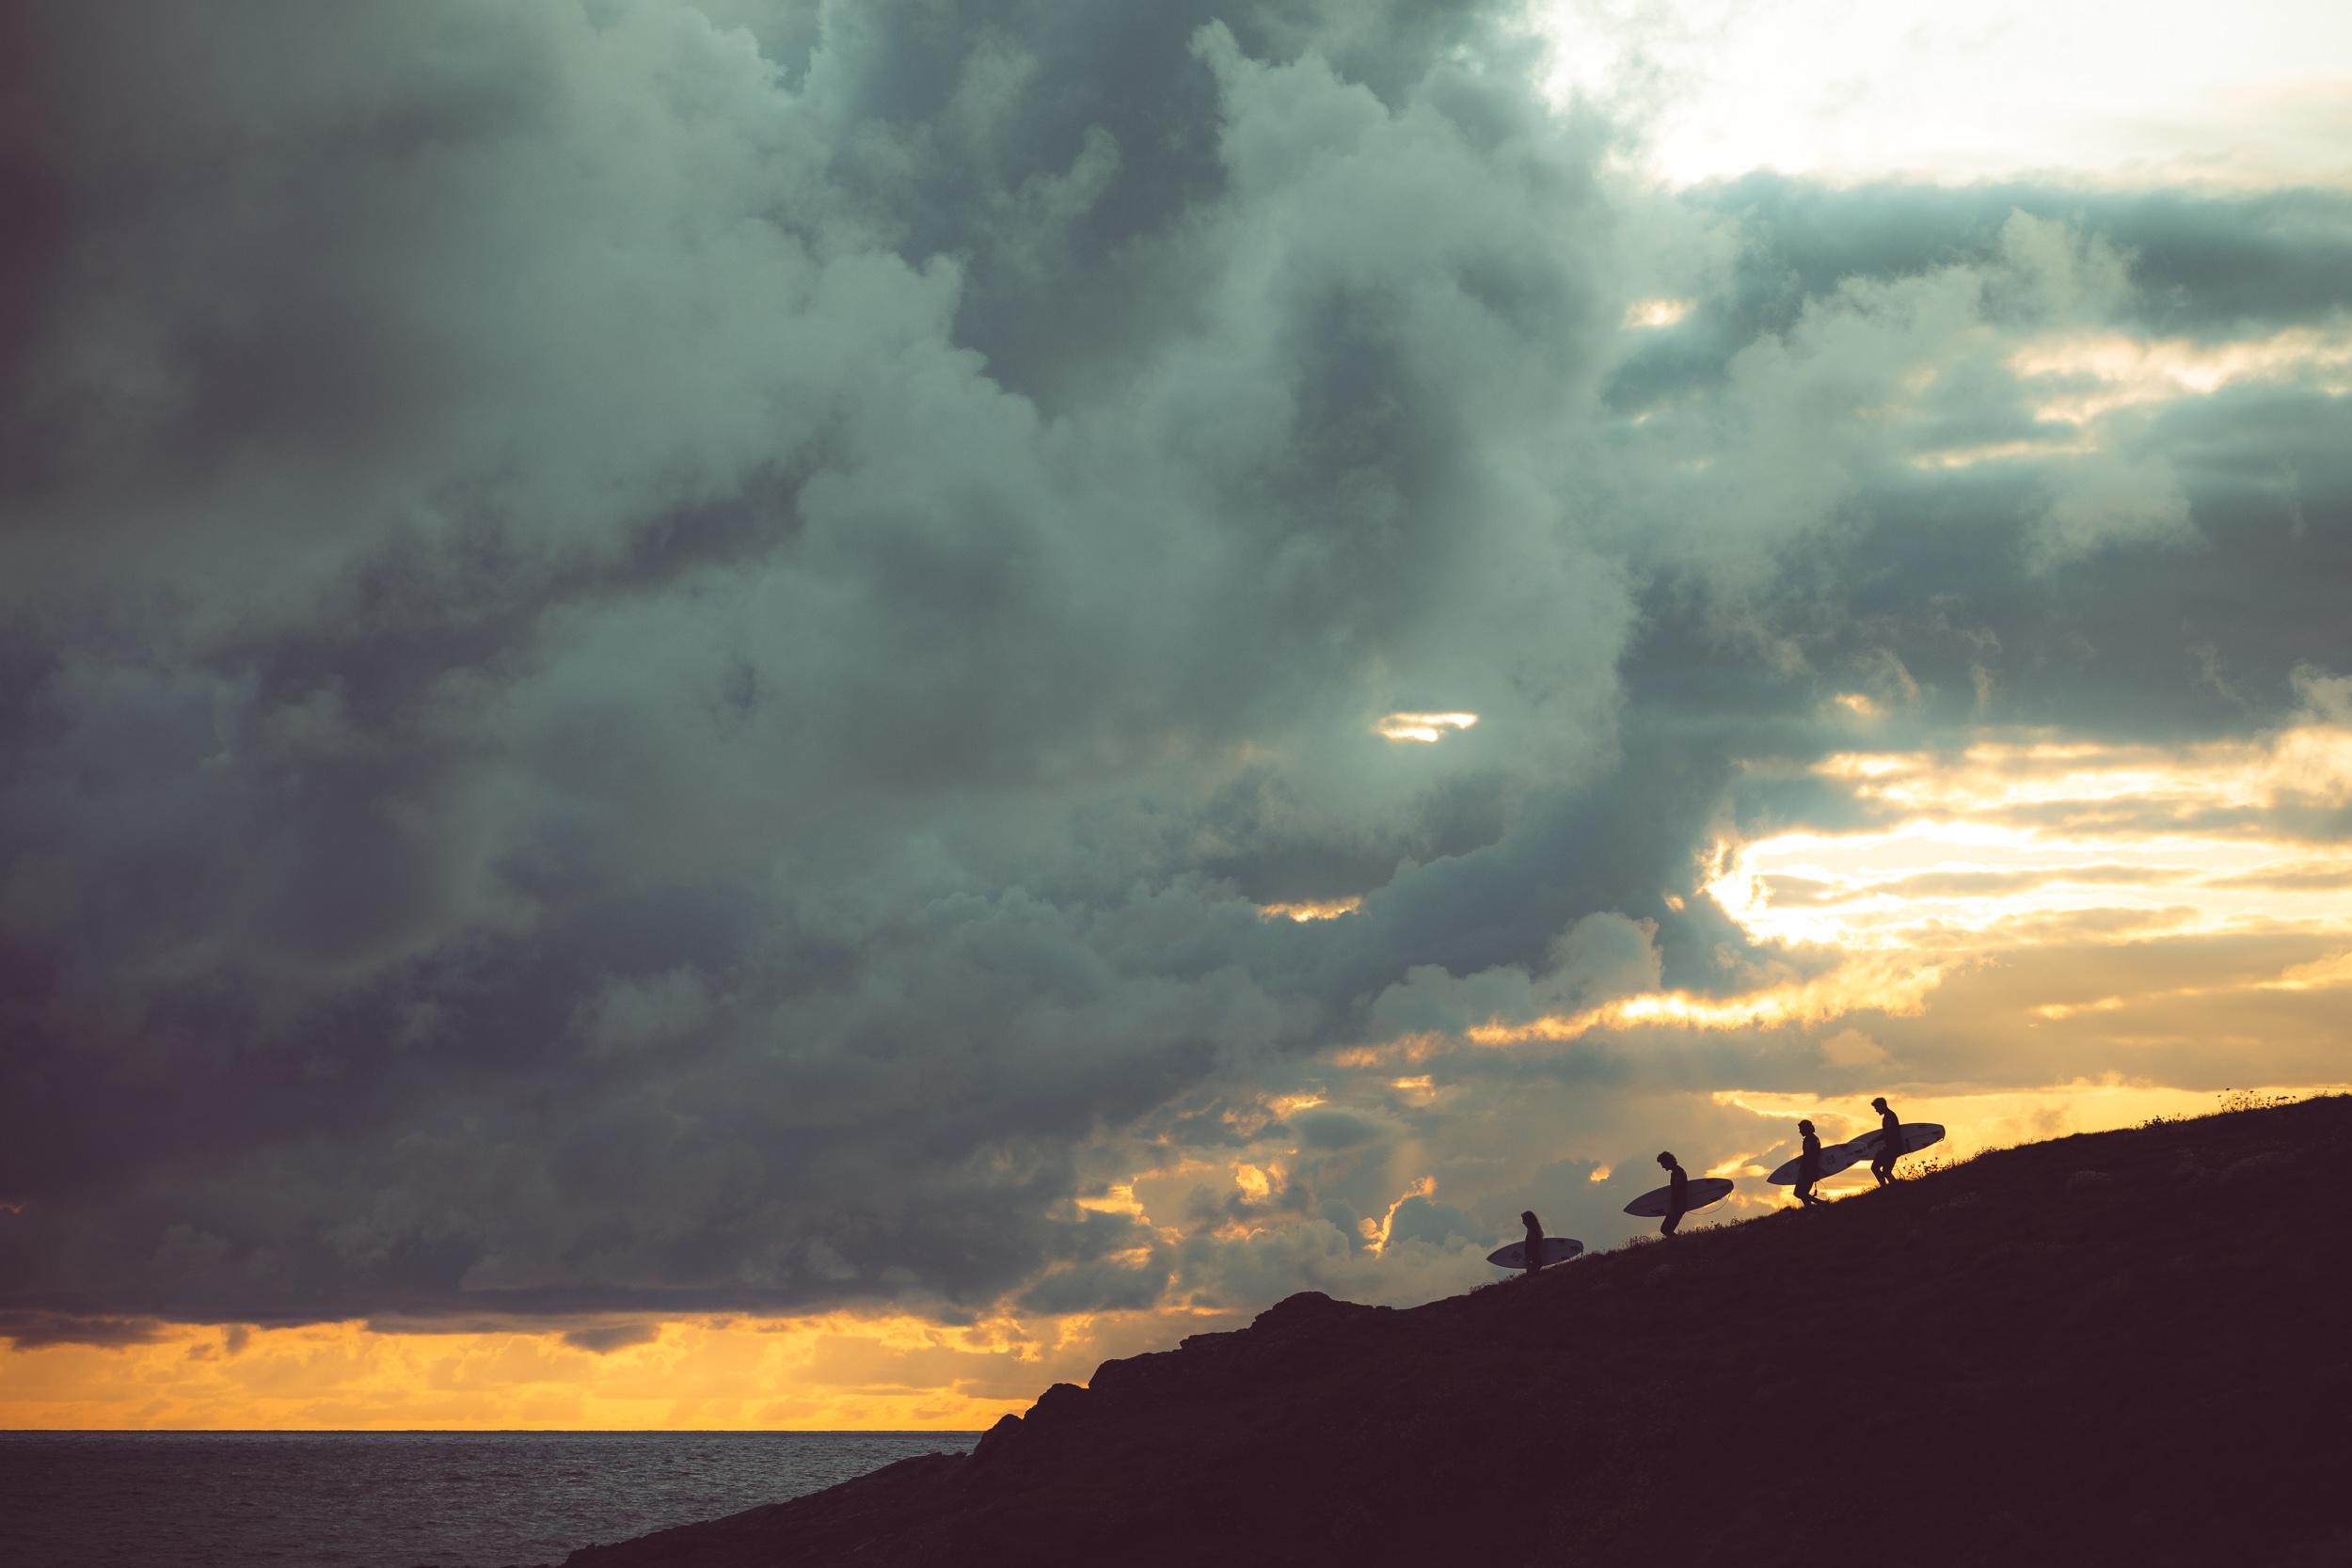 BREITLING-SURF-Finn-Beales-93.jpg